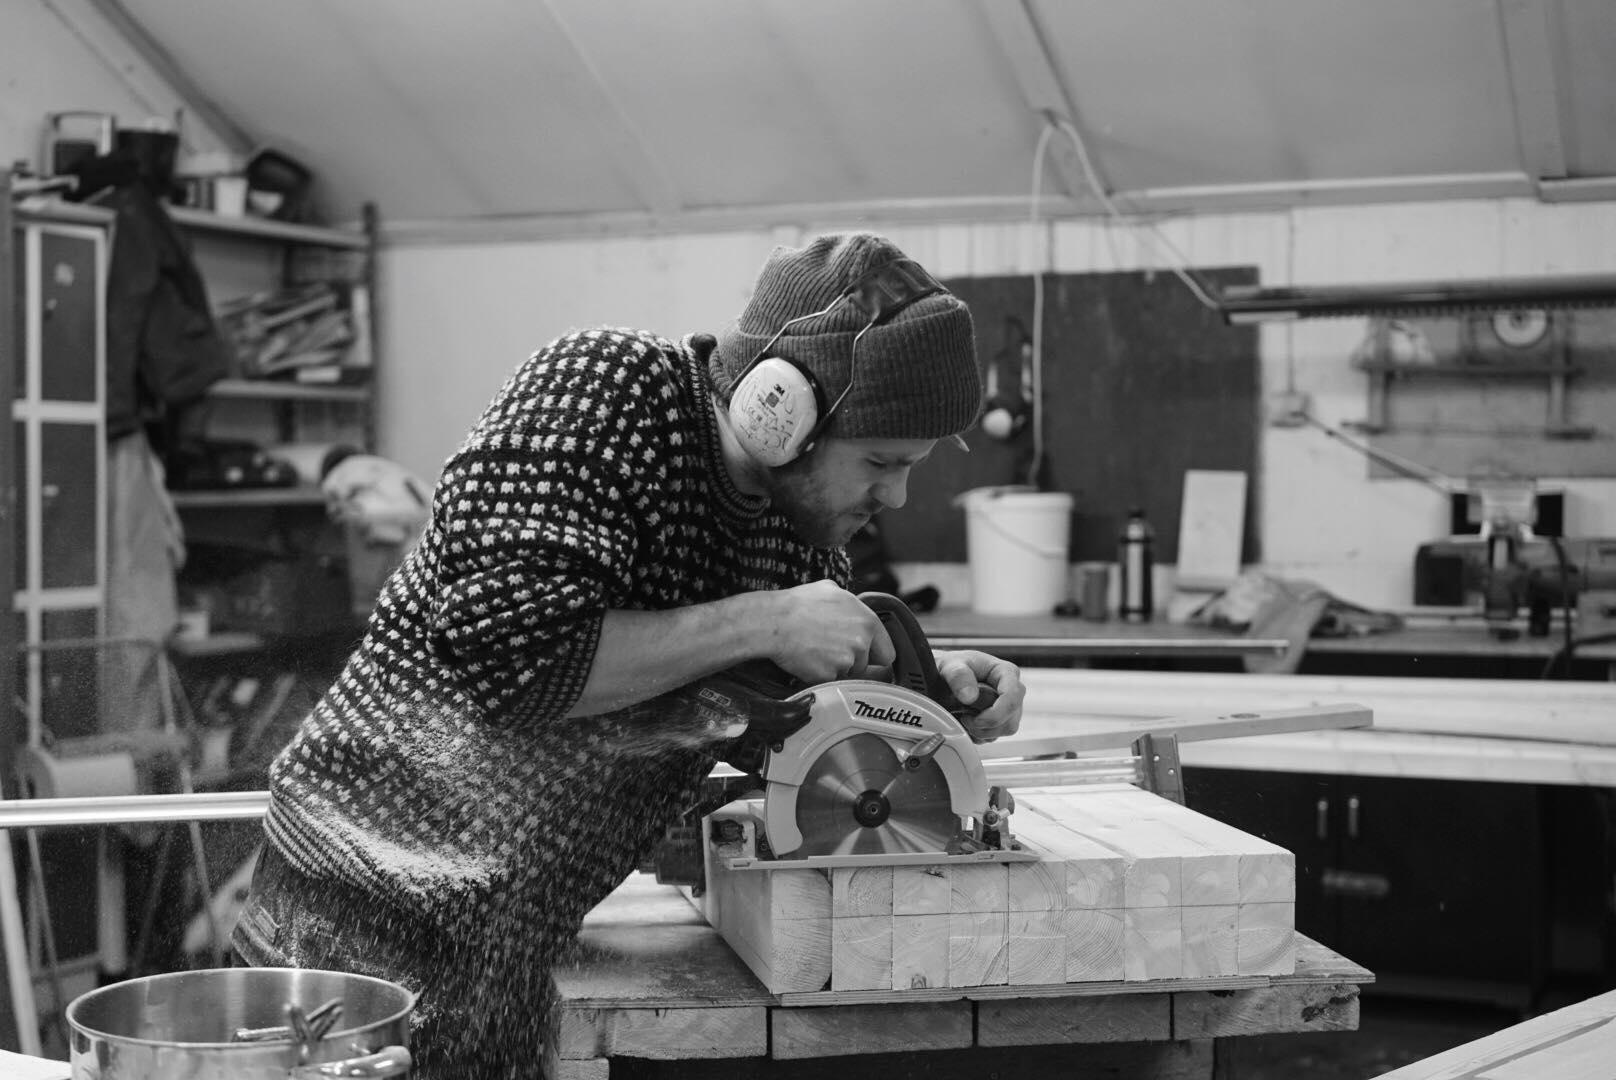 Jobbing på verkstedet. Foto: Rikke Løe Hovdal.